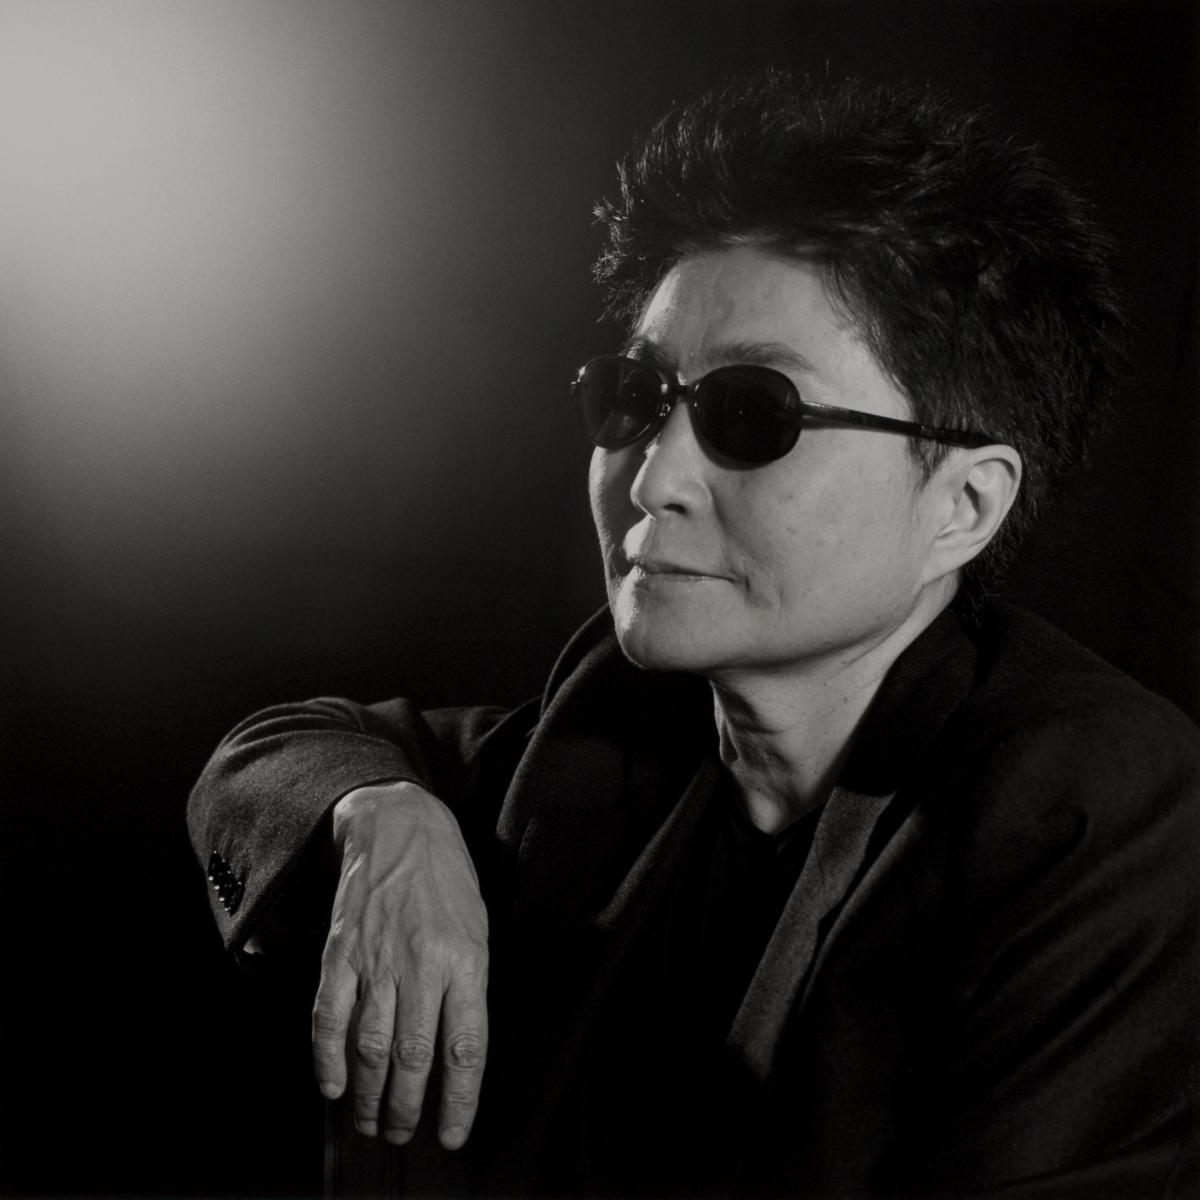 吉田ルイ子の画像 p1_23